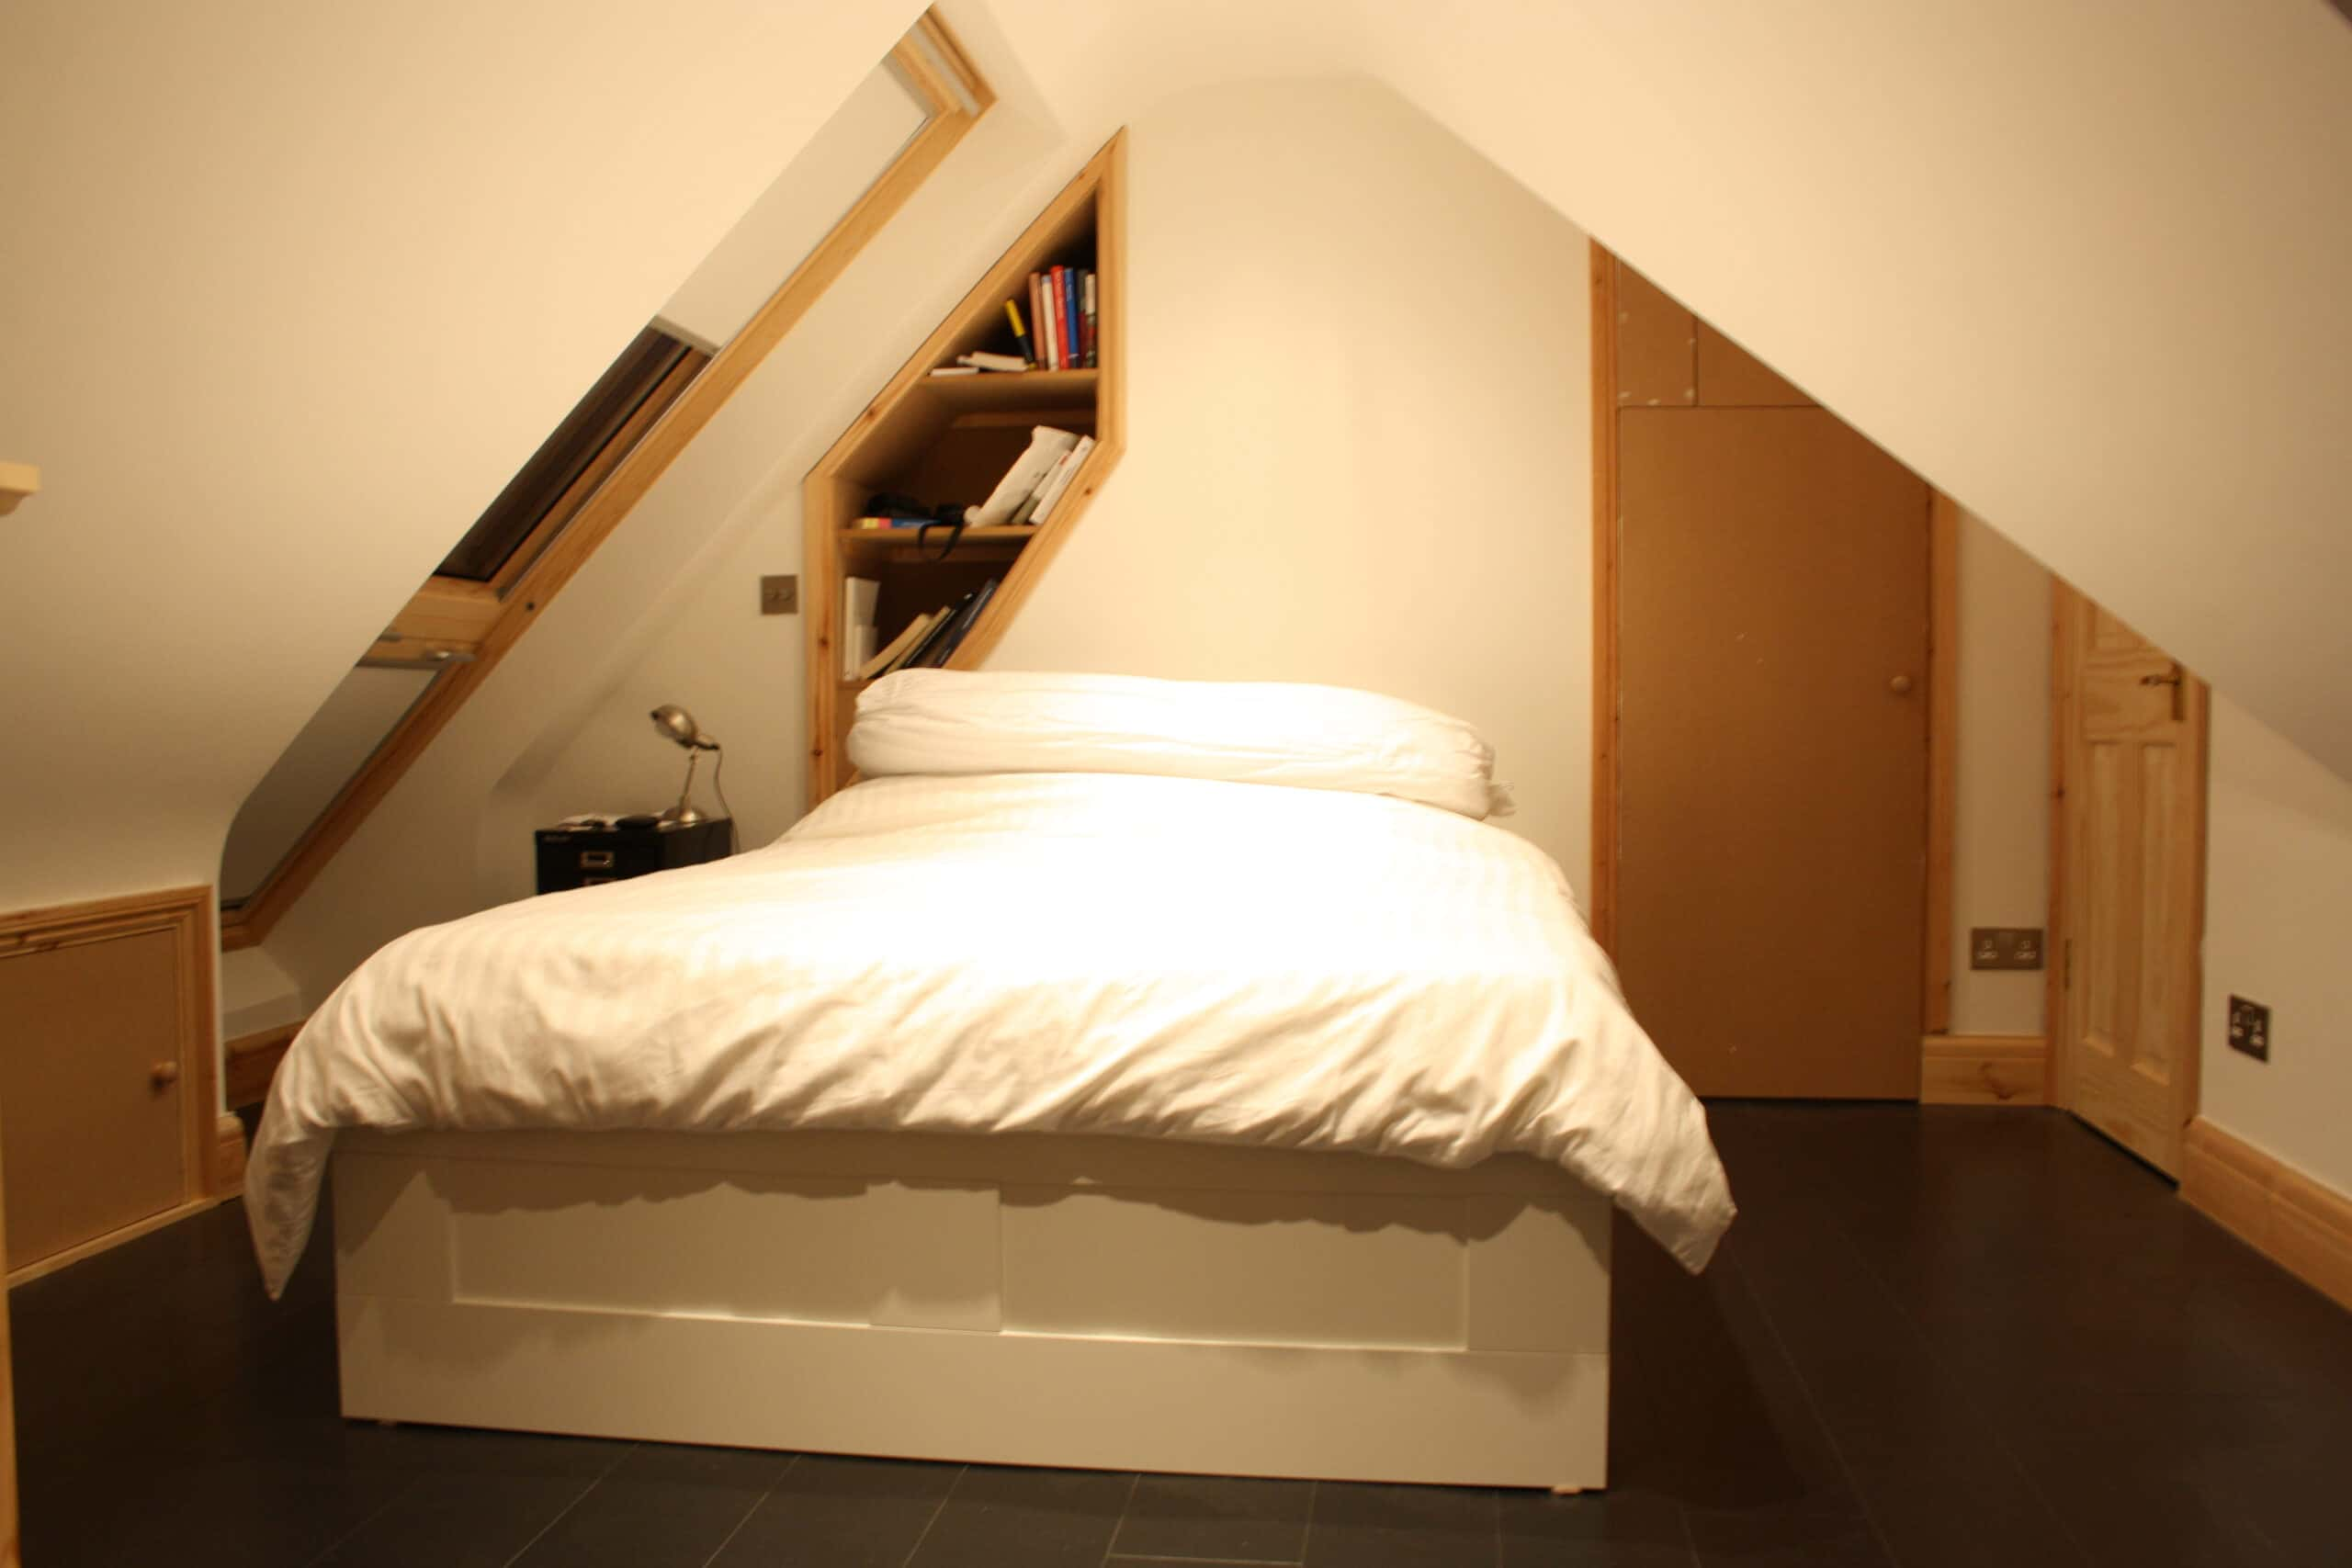 Small loft conversion in london - Small loft space model ...